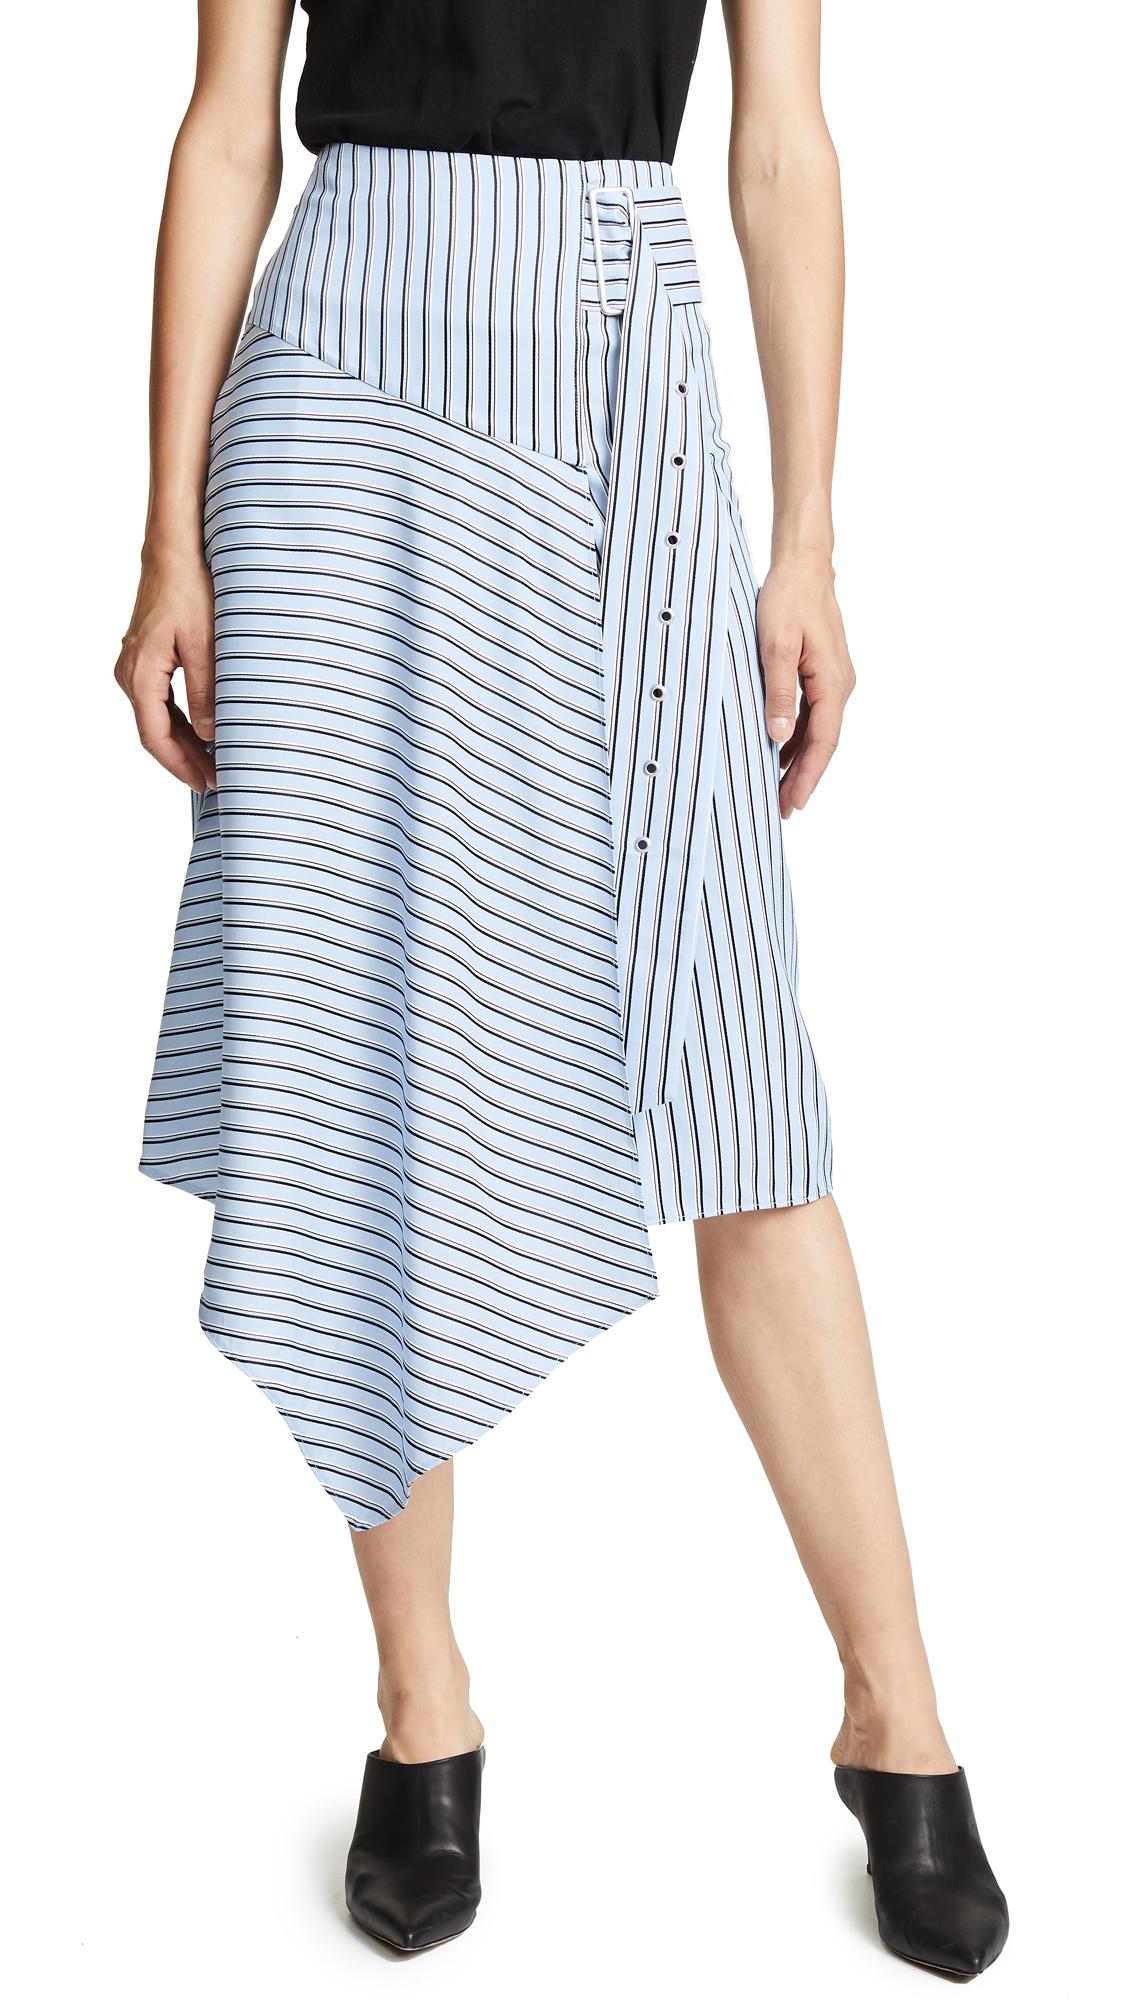 Tibi Asymmetrical Drape Skirt In Blue Multi